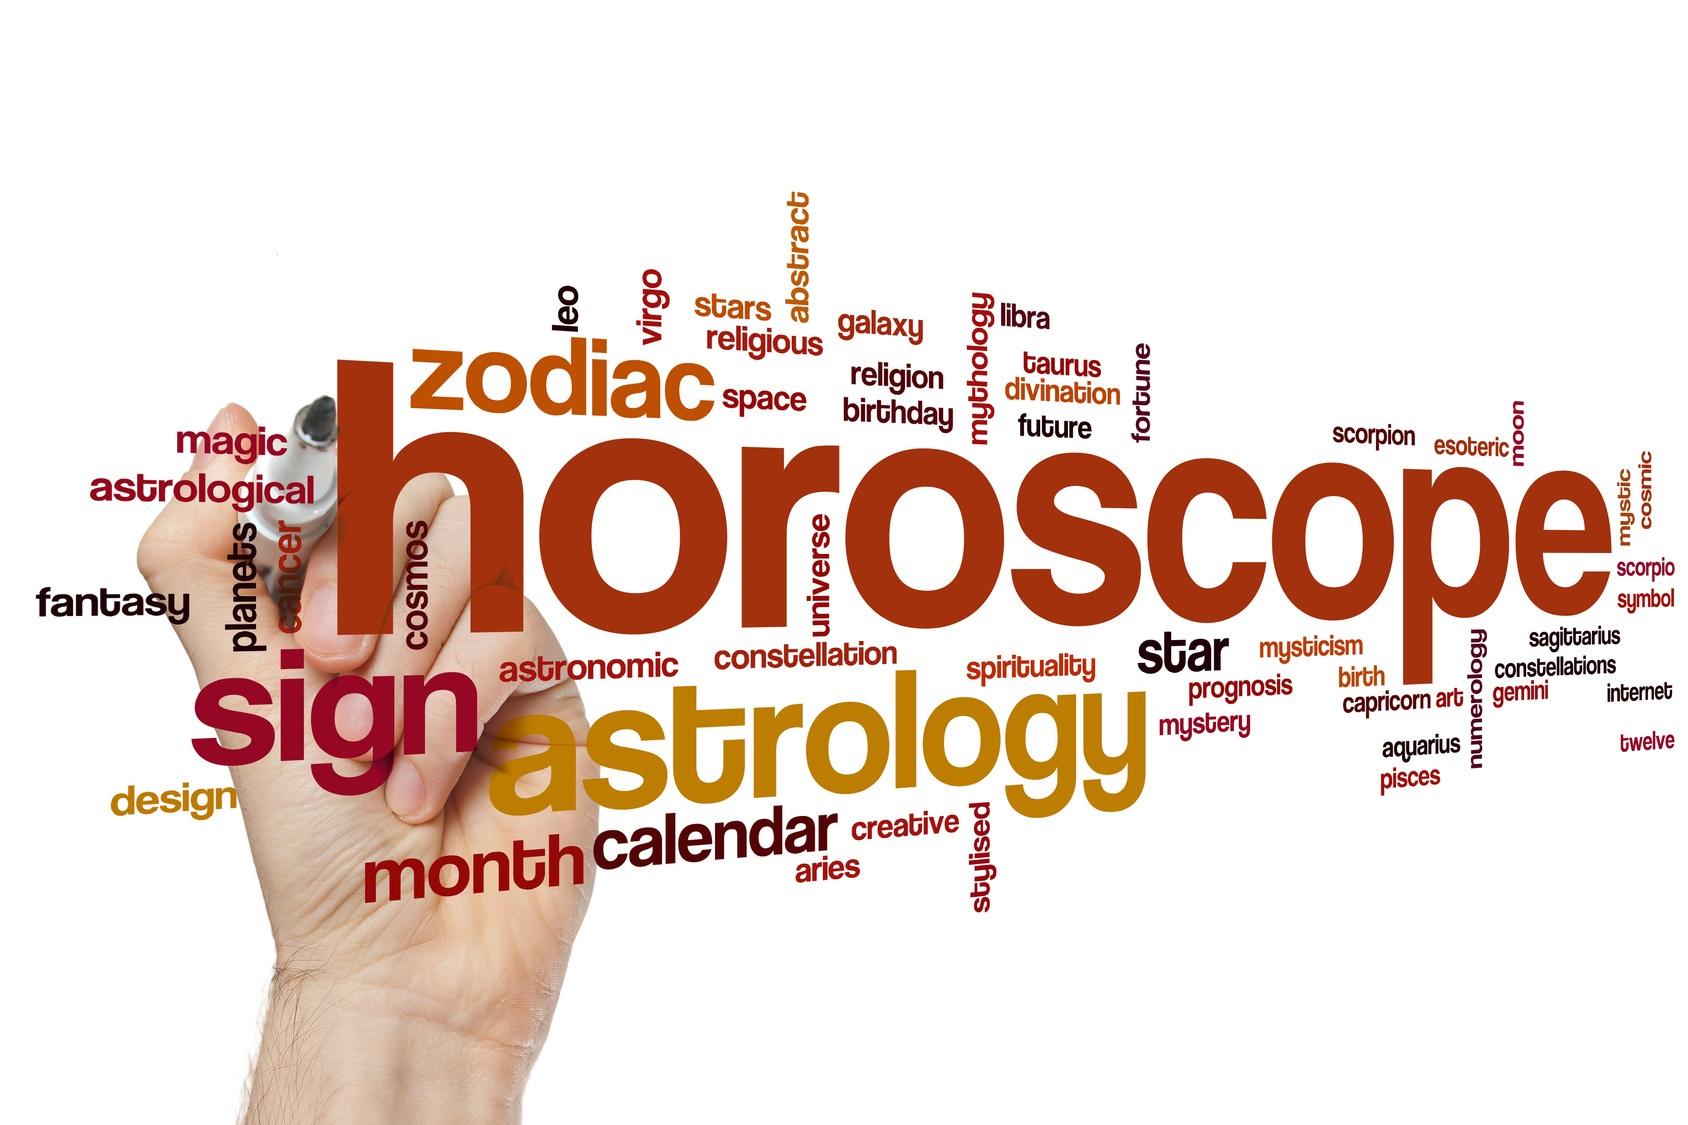 Reproduction d'horoscope par Yahoo : condamnation pour parasitisme